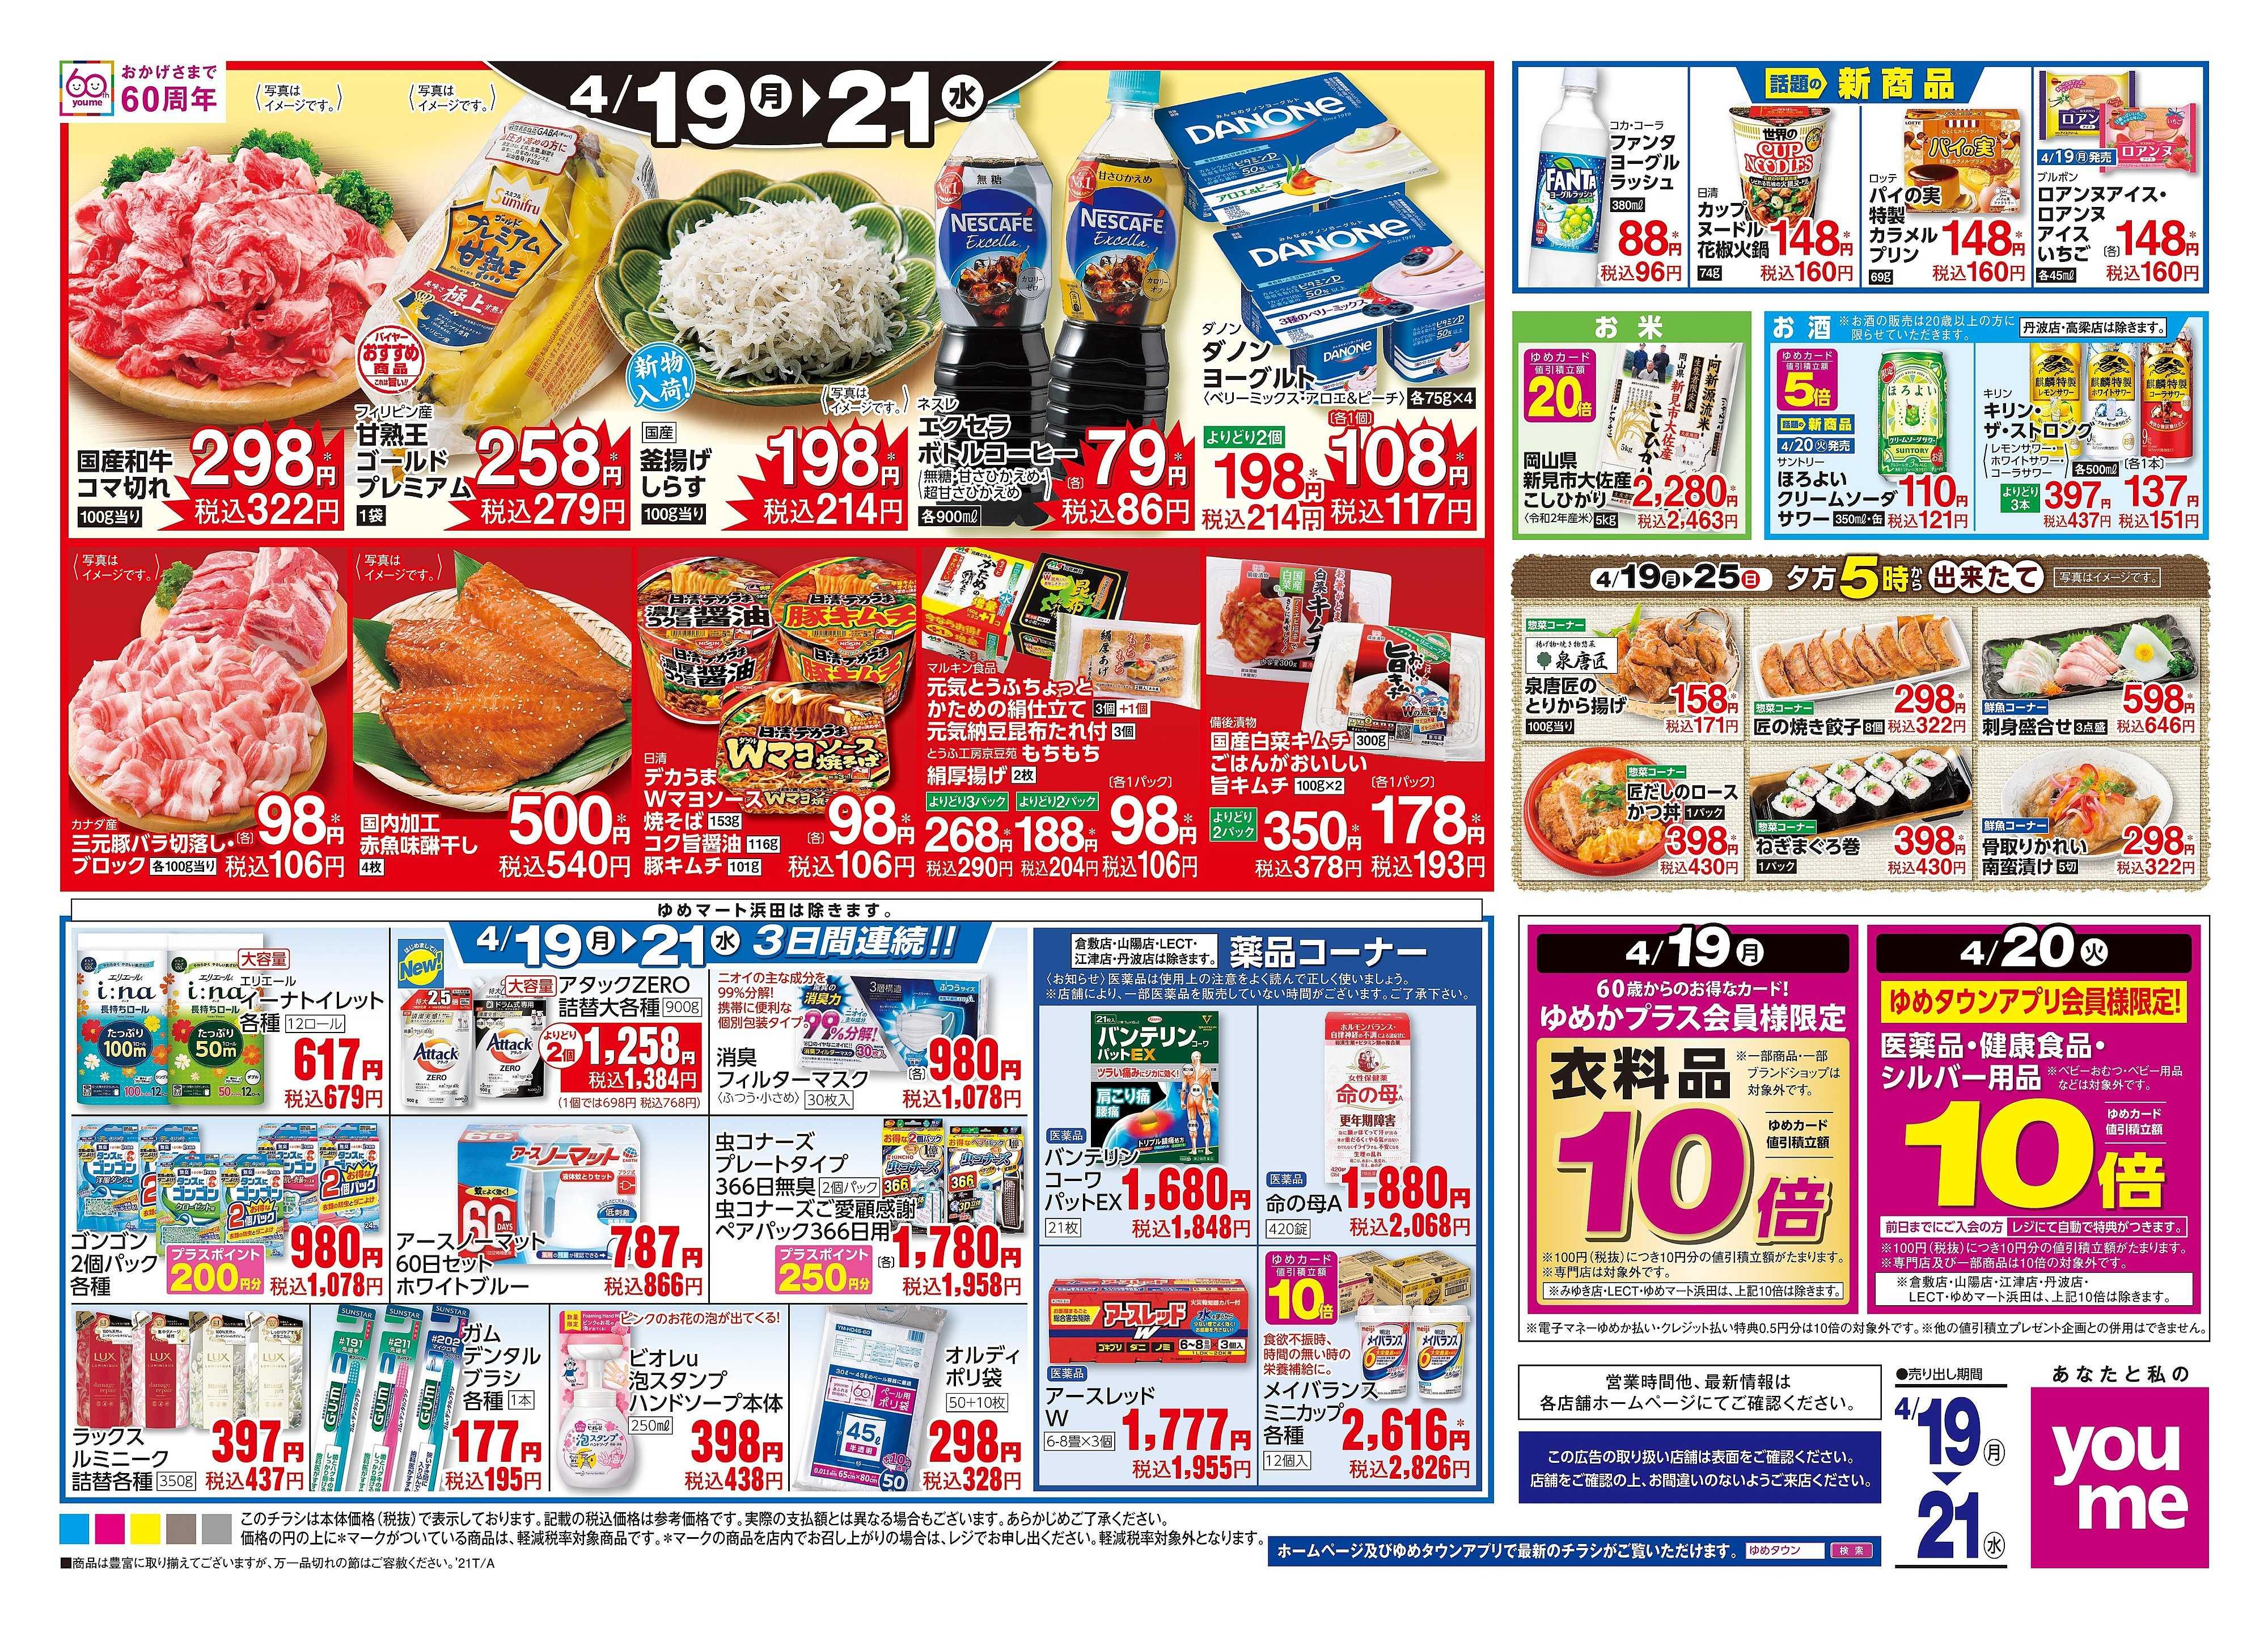 ゆめタウン 4/19(月)-4/21(水)